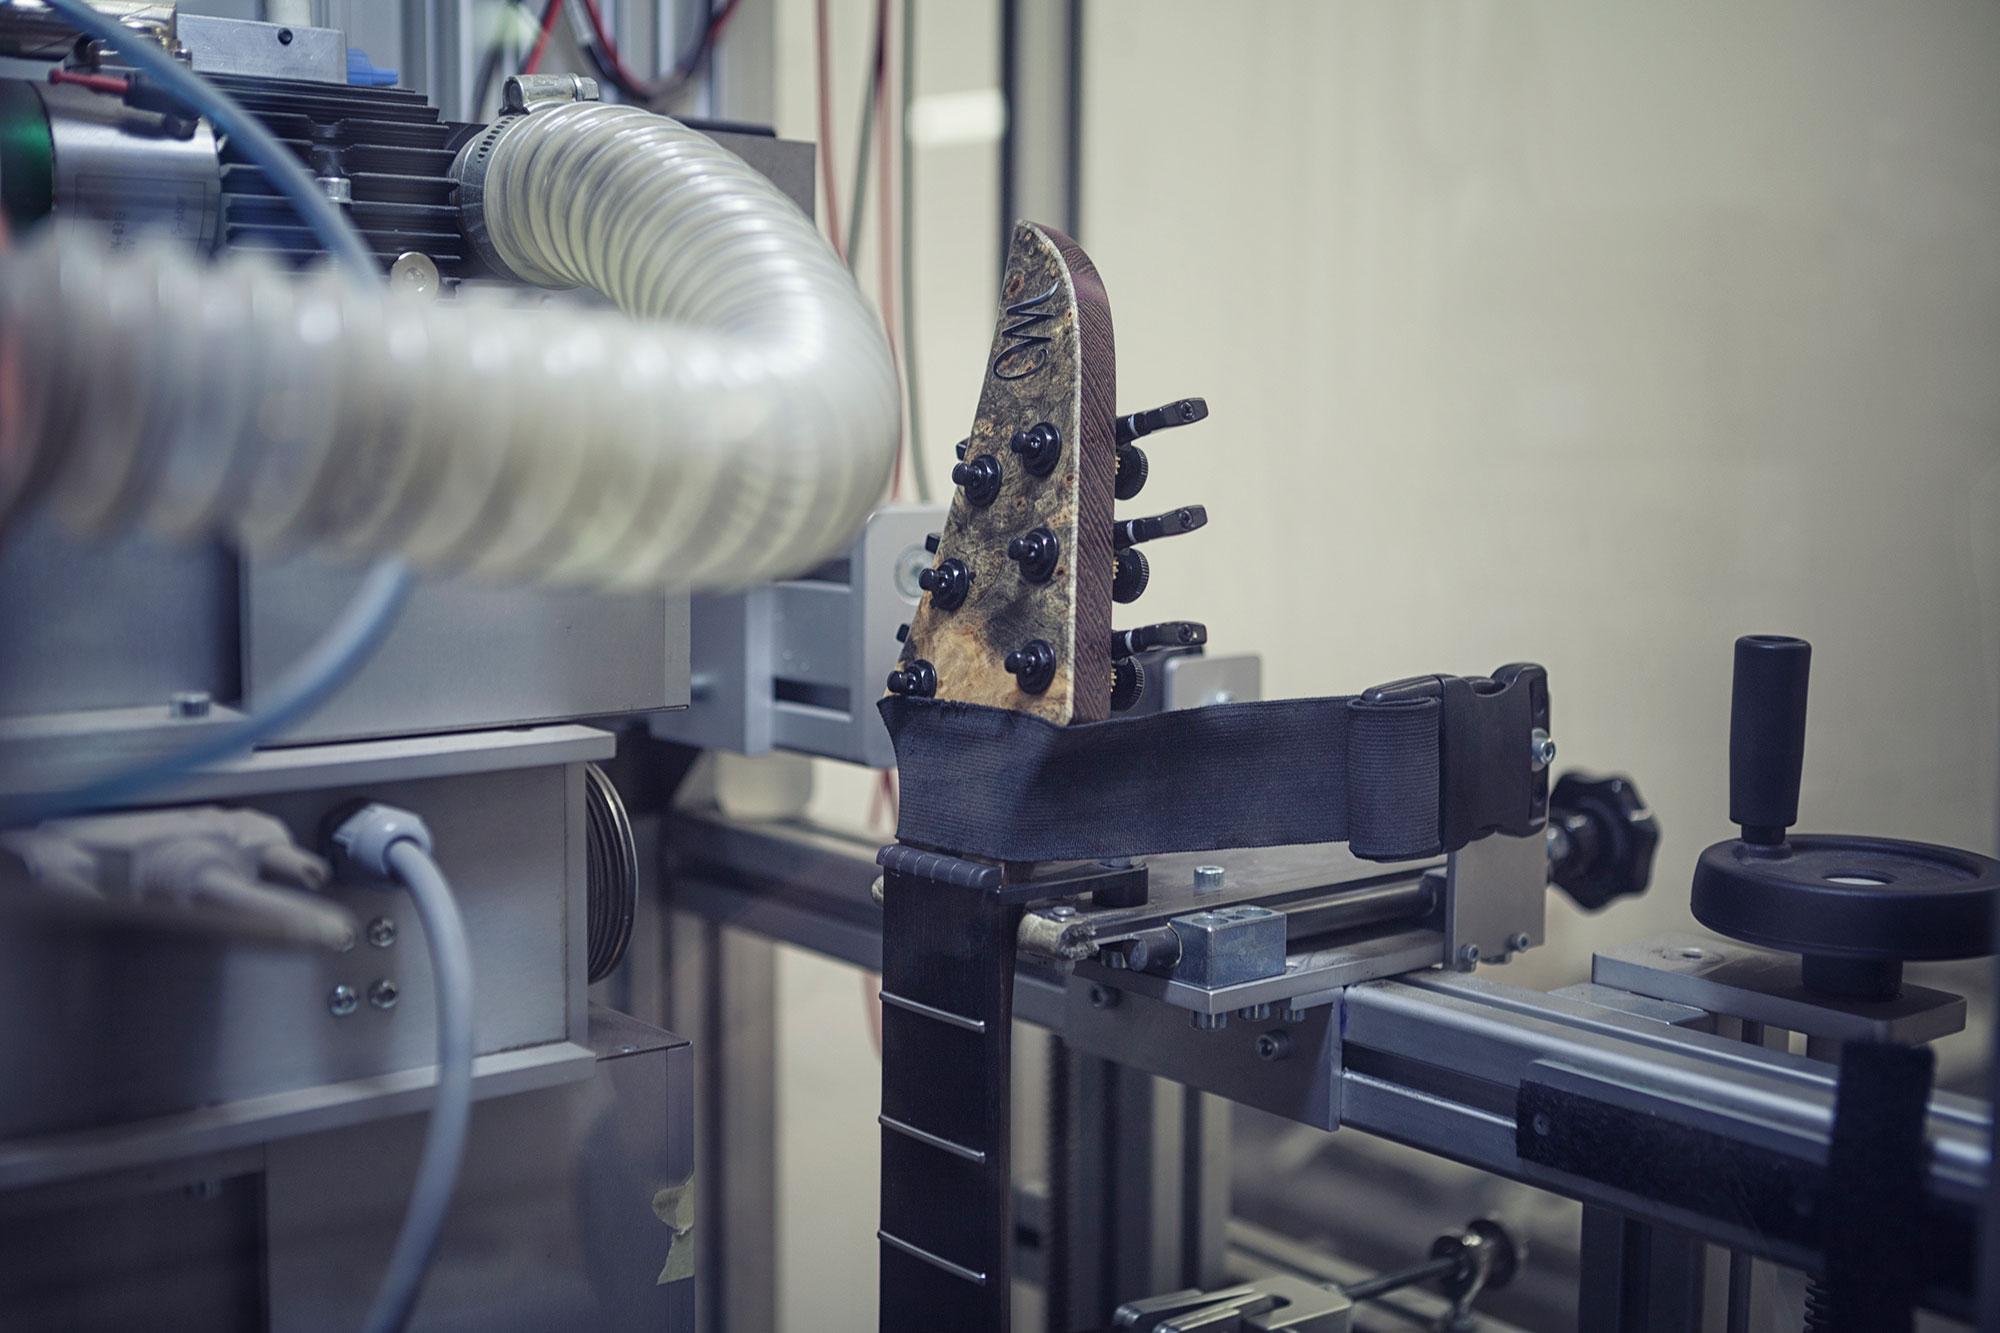 מכונת PLEK במפעל של מיונס